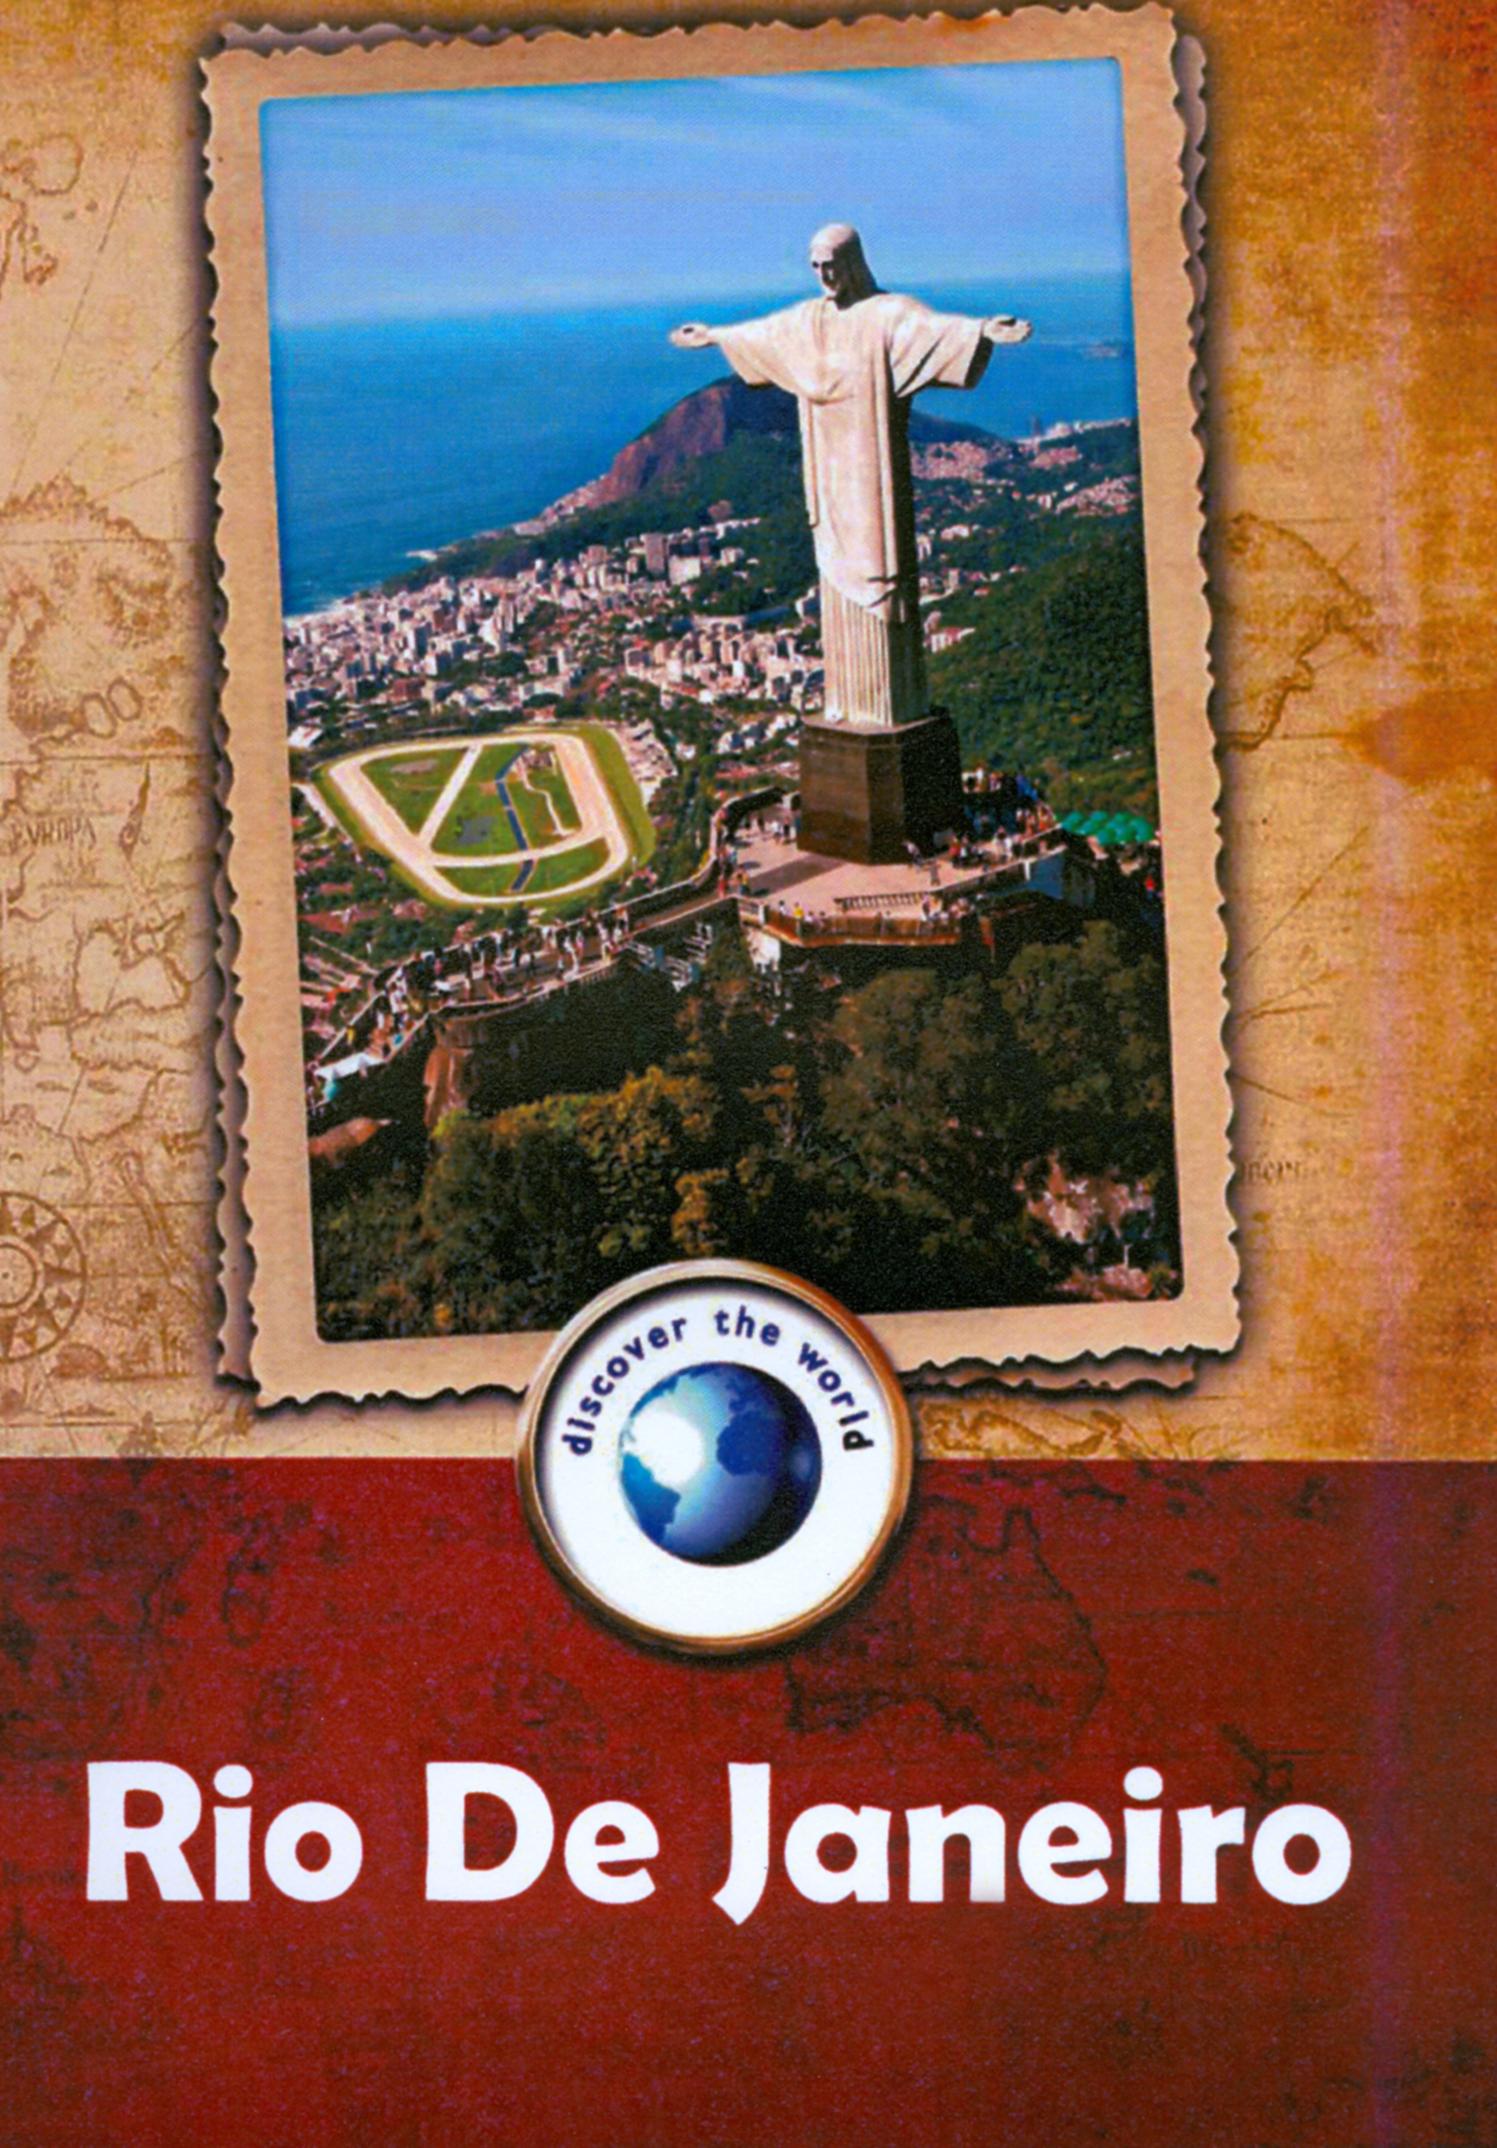 Discover the World: Rio de Janiero